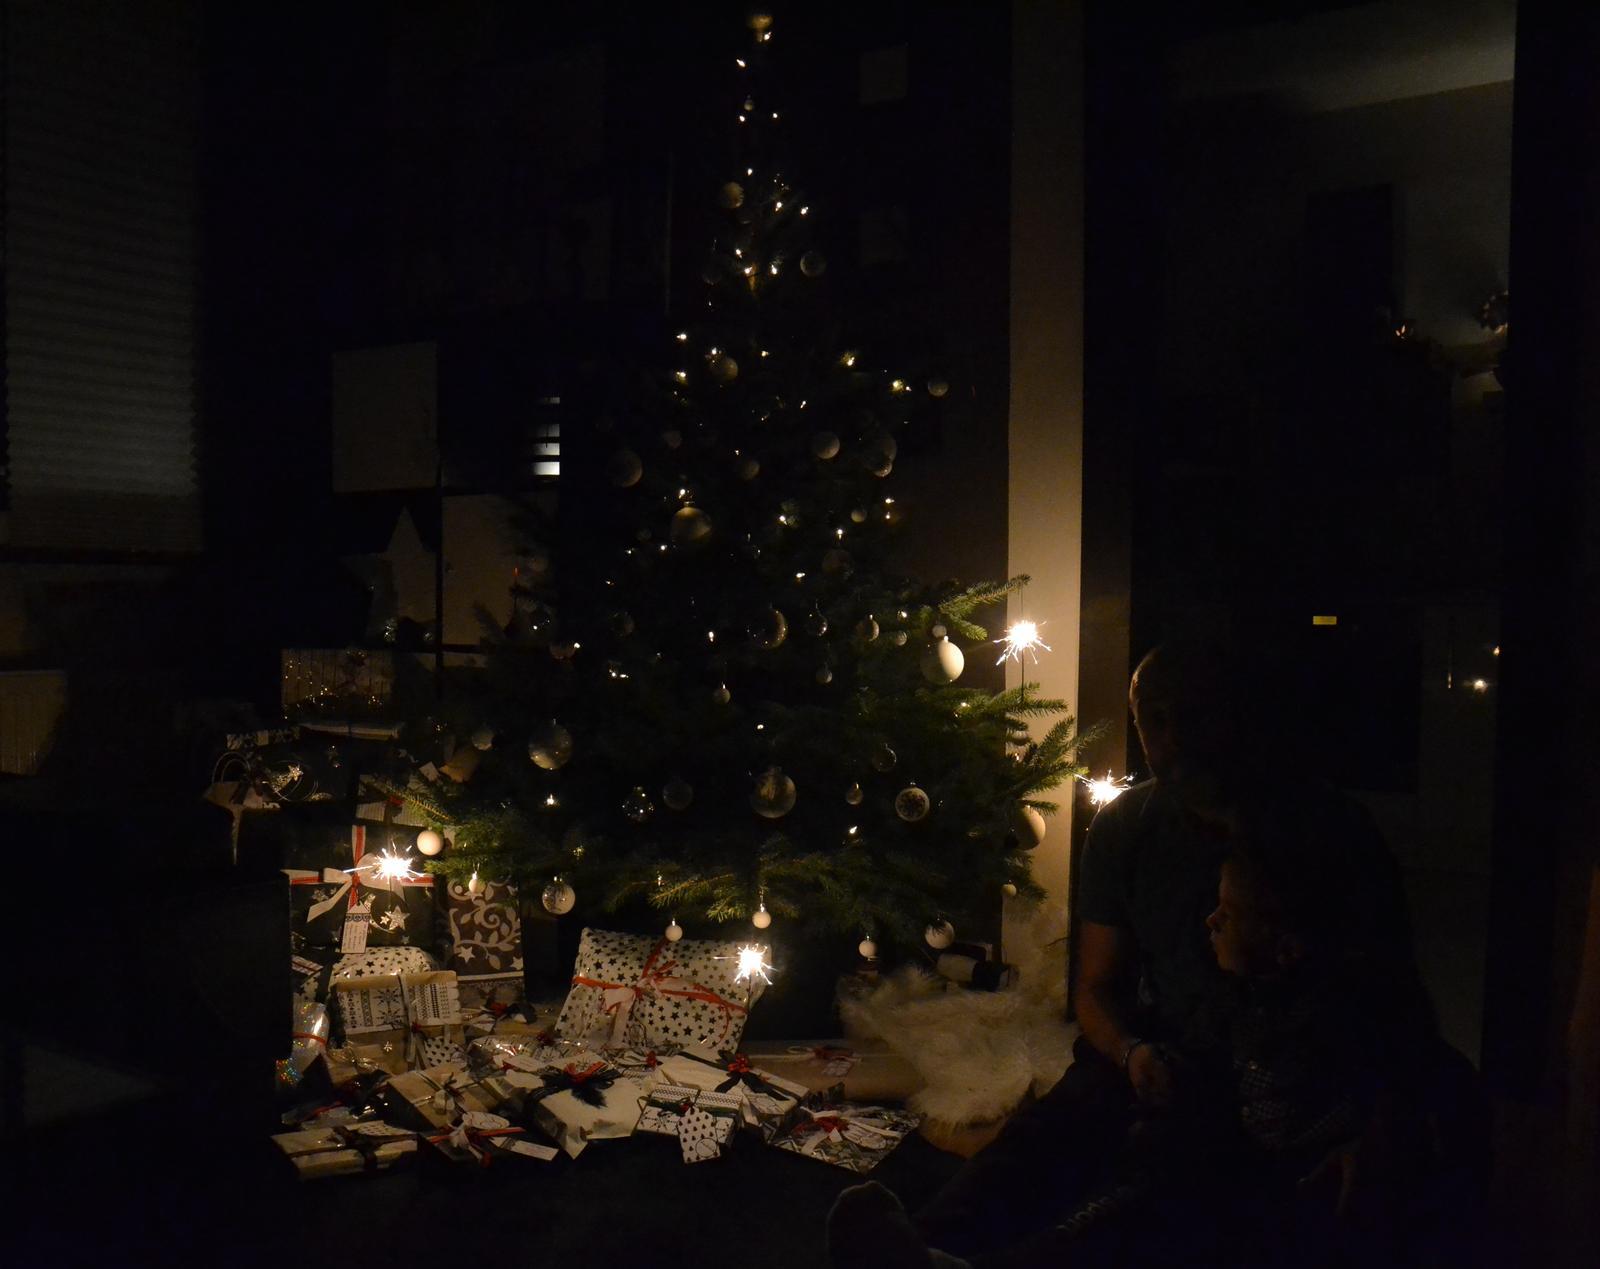 U nás doma v paneláku II. - kouzelná atmosféra okamžiku......